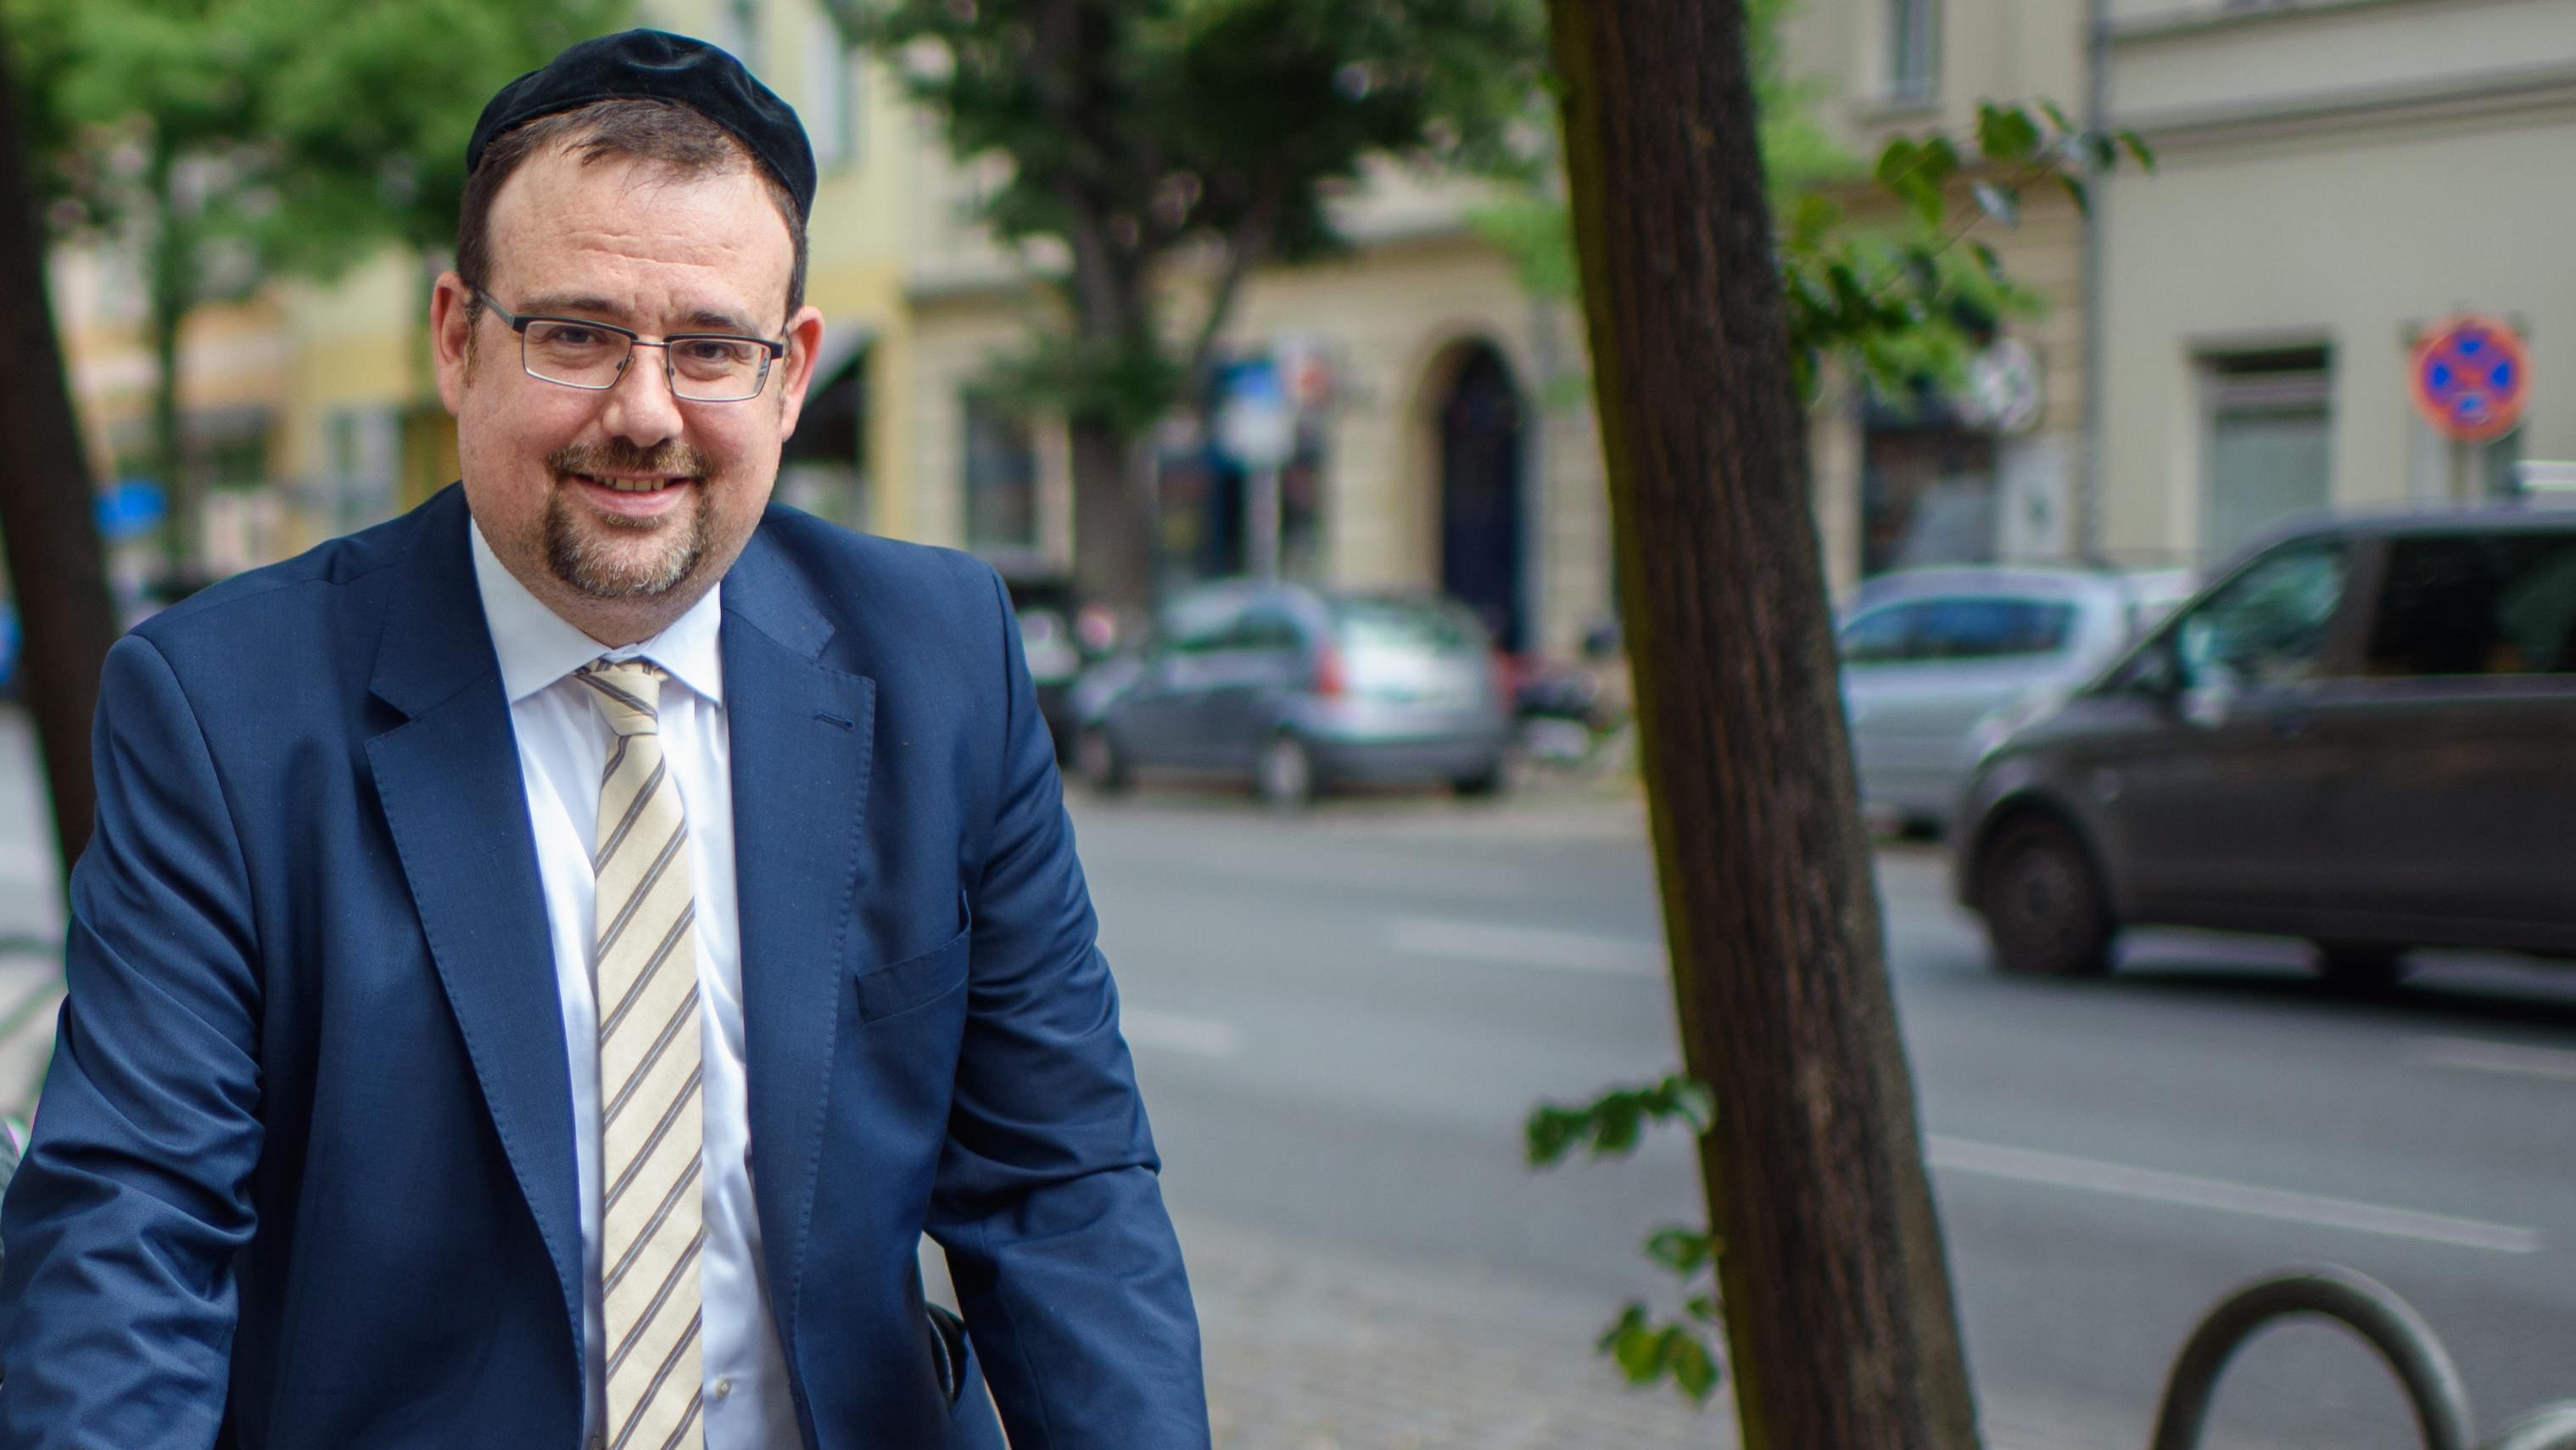 """Elias Dray, Rabbiner in Amberg, will ein """"Zentrum gegen Radikalisierung"""" gründen."""